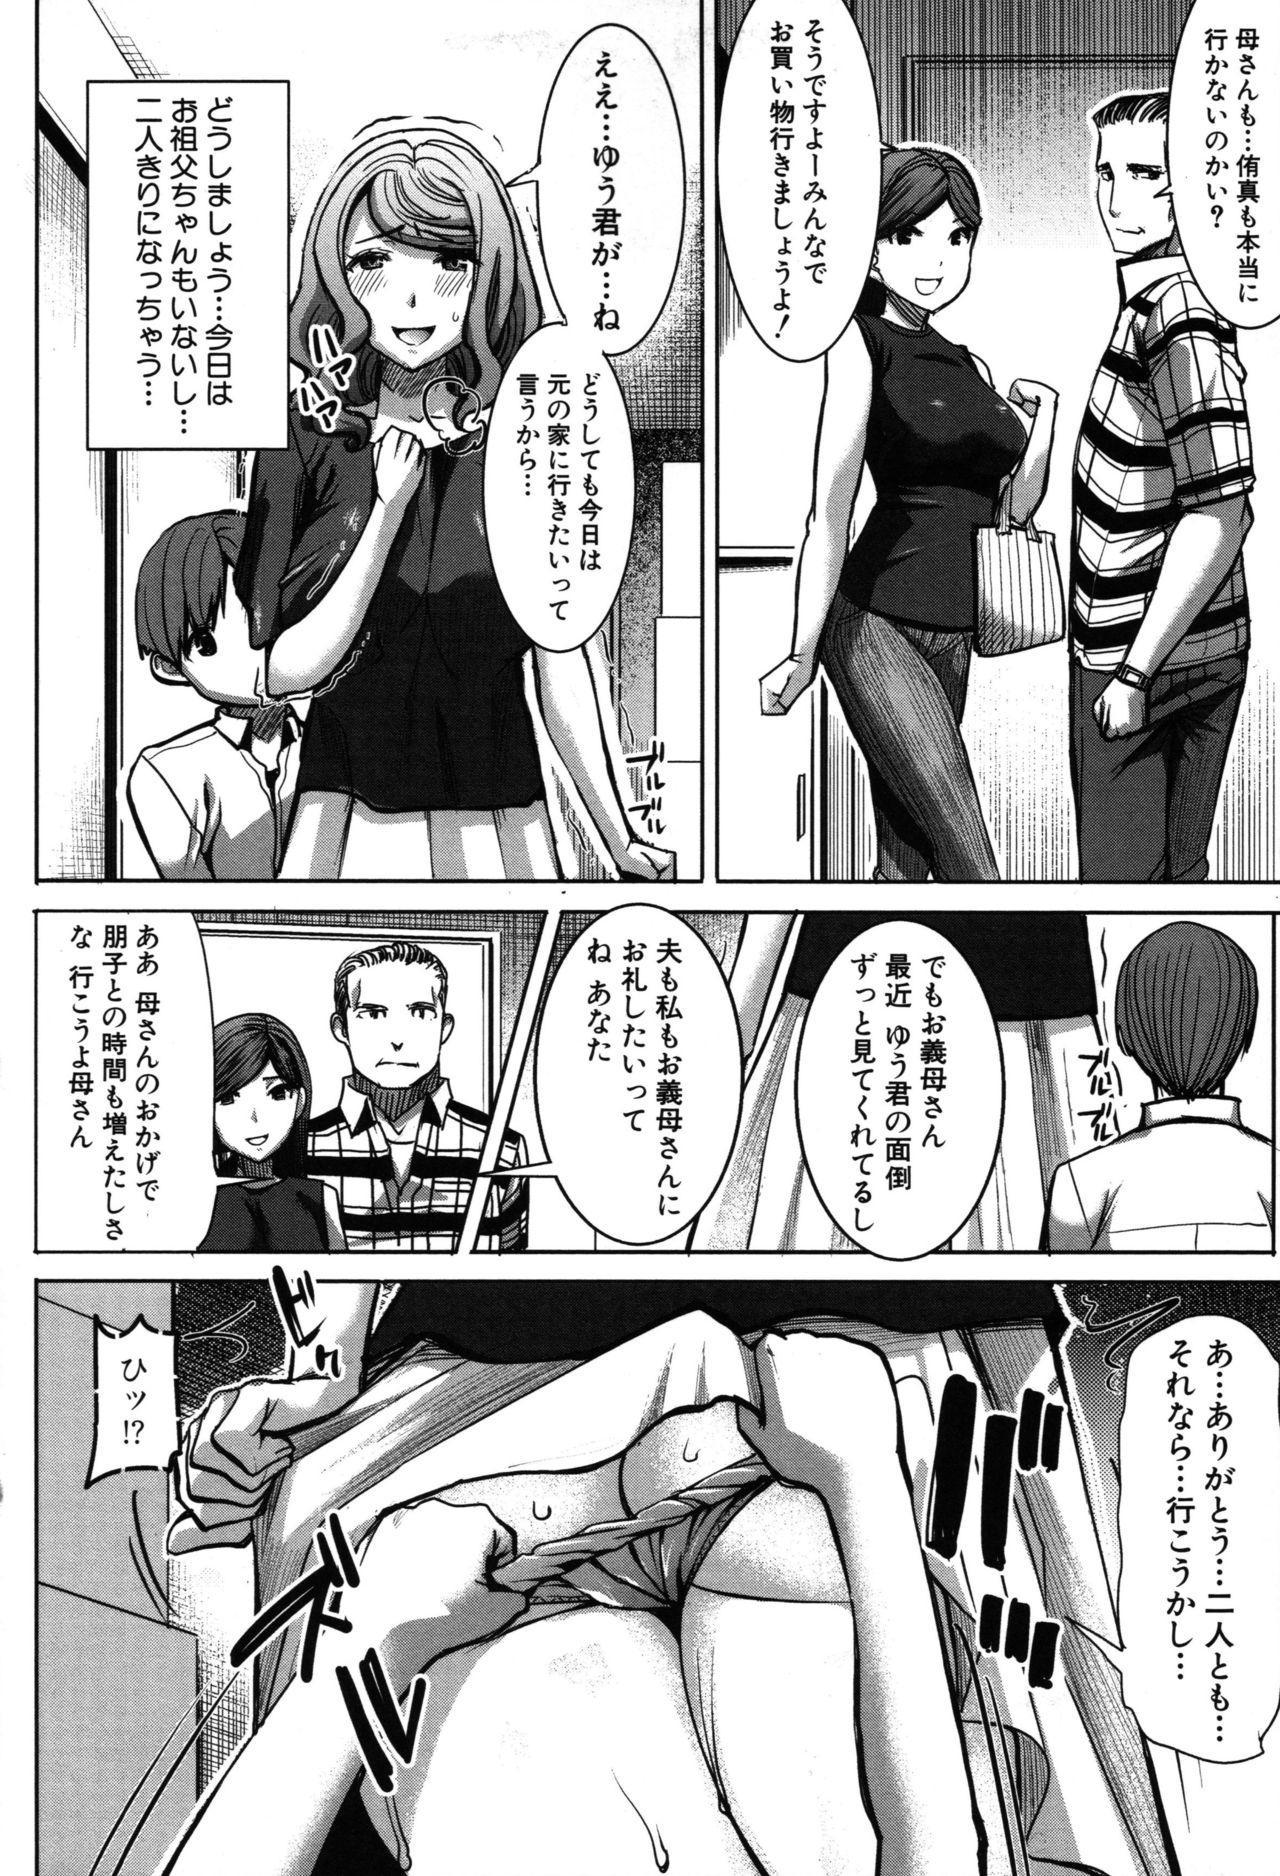 Unsweet - Asahina Ikka Netorareta Haha · Tomoko 89